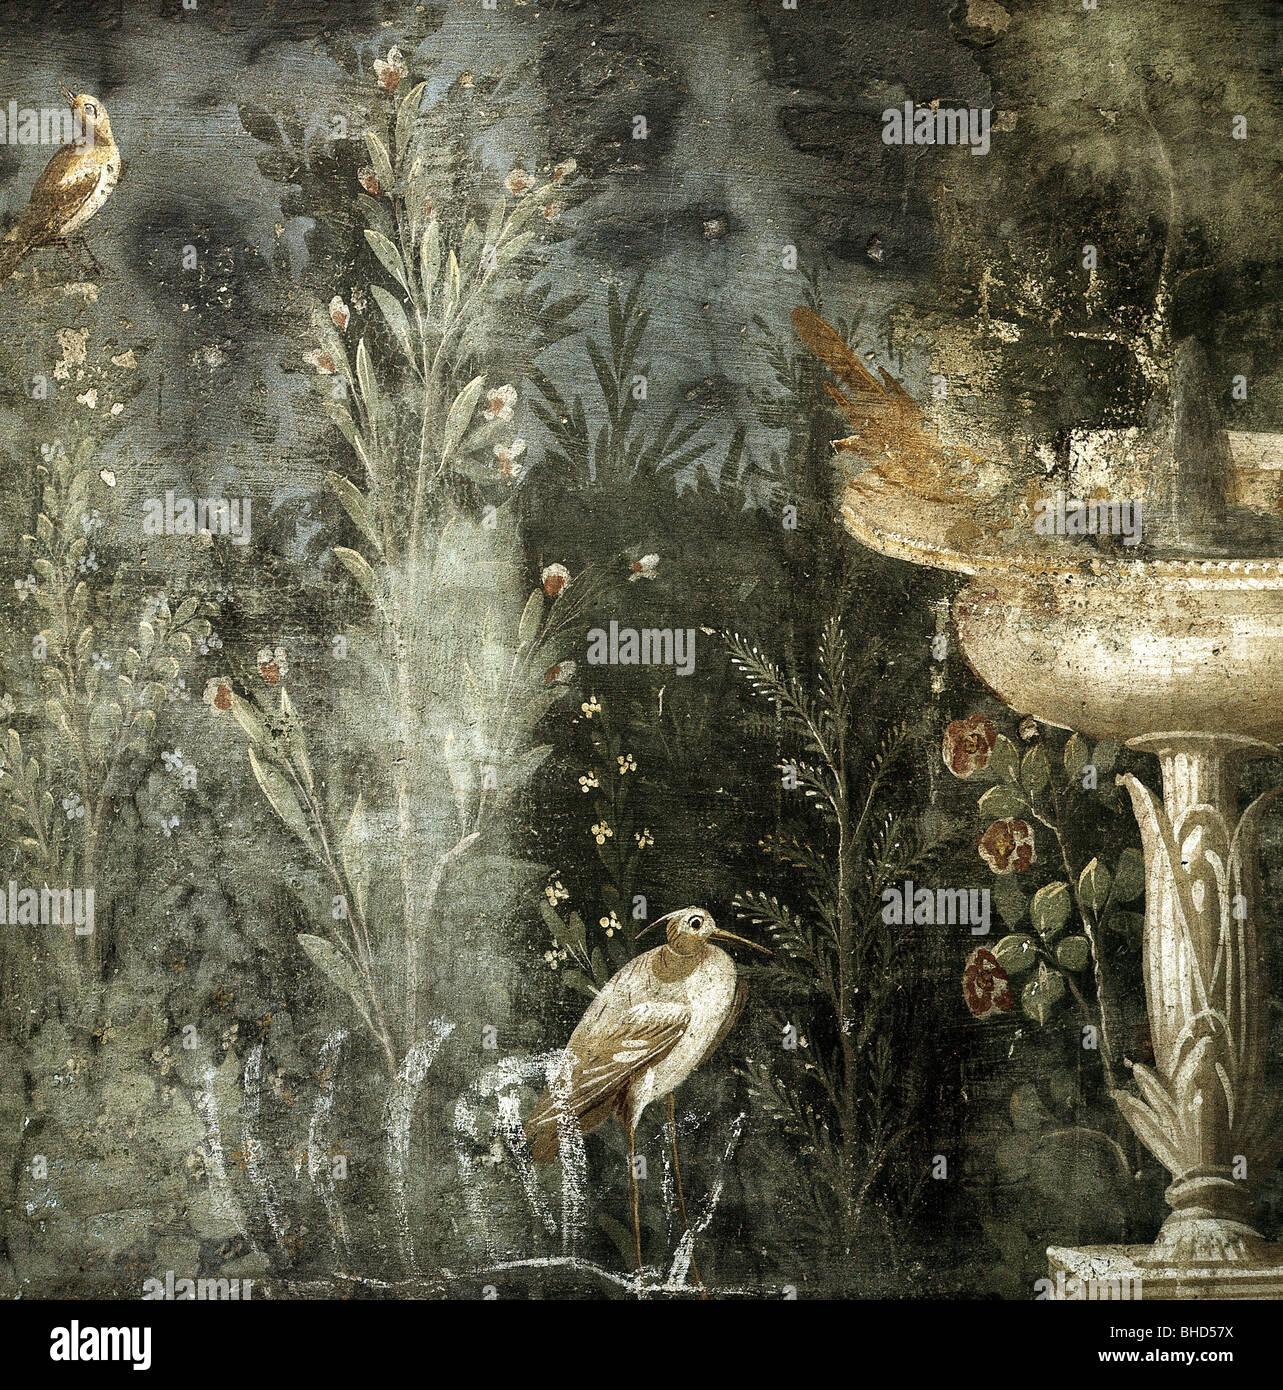 Belle arti, mondo antico impero romano, Pompei, particolare di un affresco, giardino scena, Casa di Venere, Italia, Foto Stock